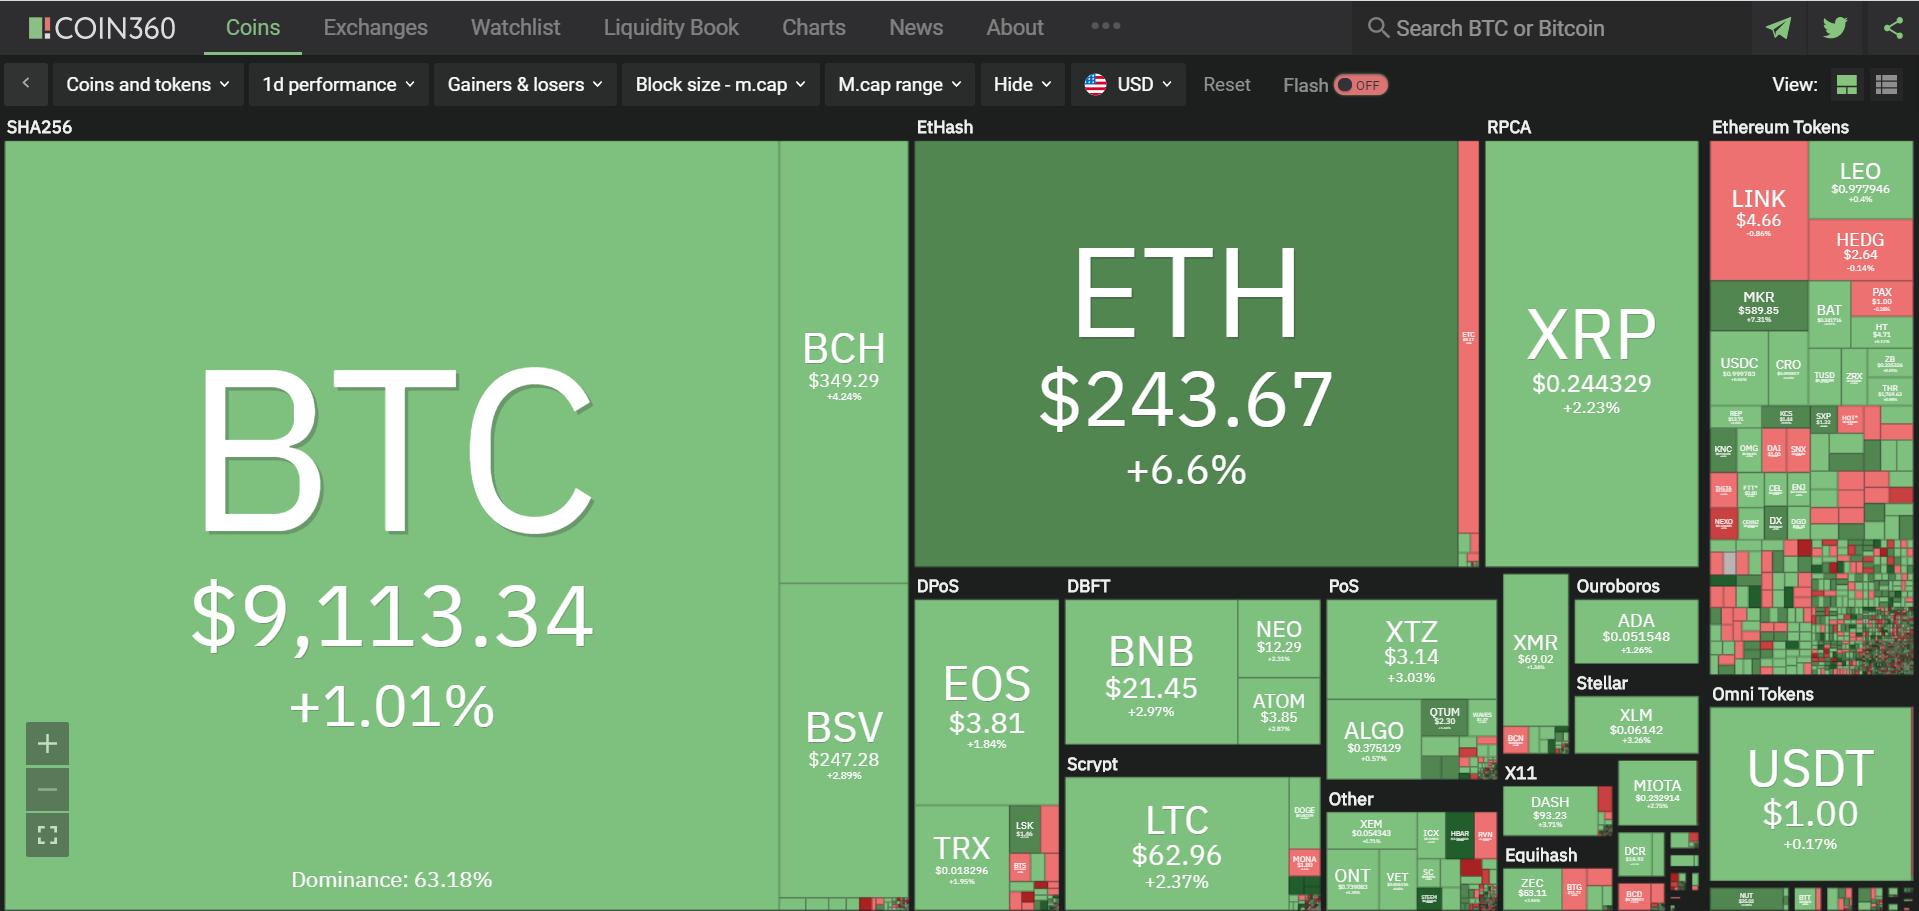 Toàn cảnh thị trường tiền kĩ thuật số hôm nay (7/3) (Nguồn: Coin360.com)